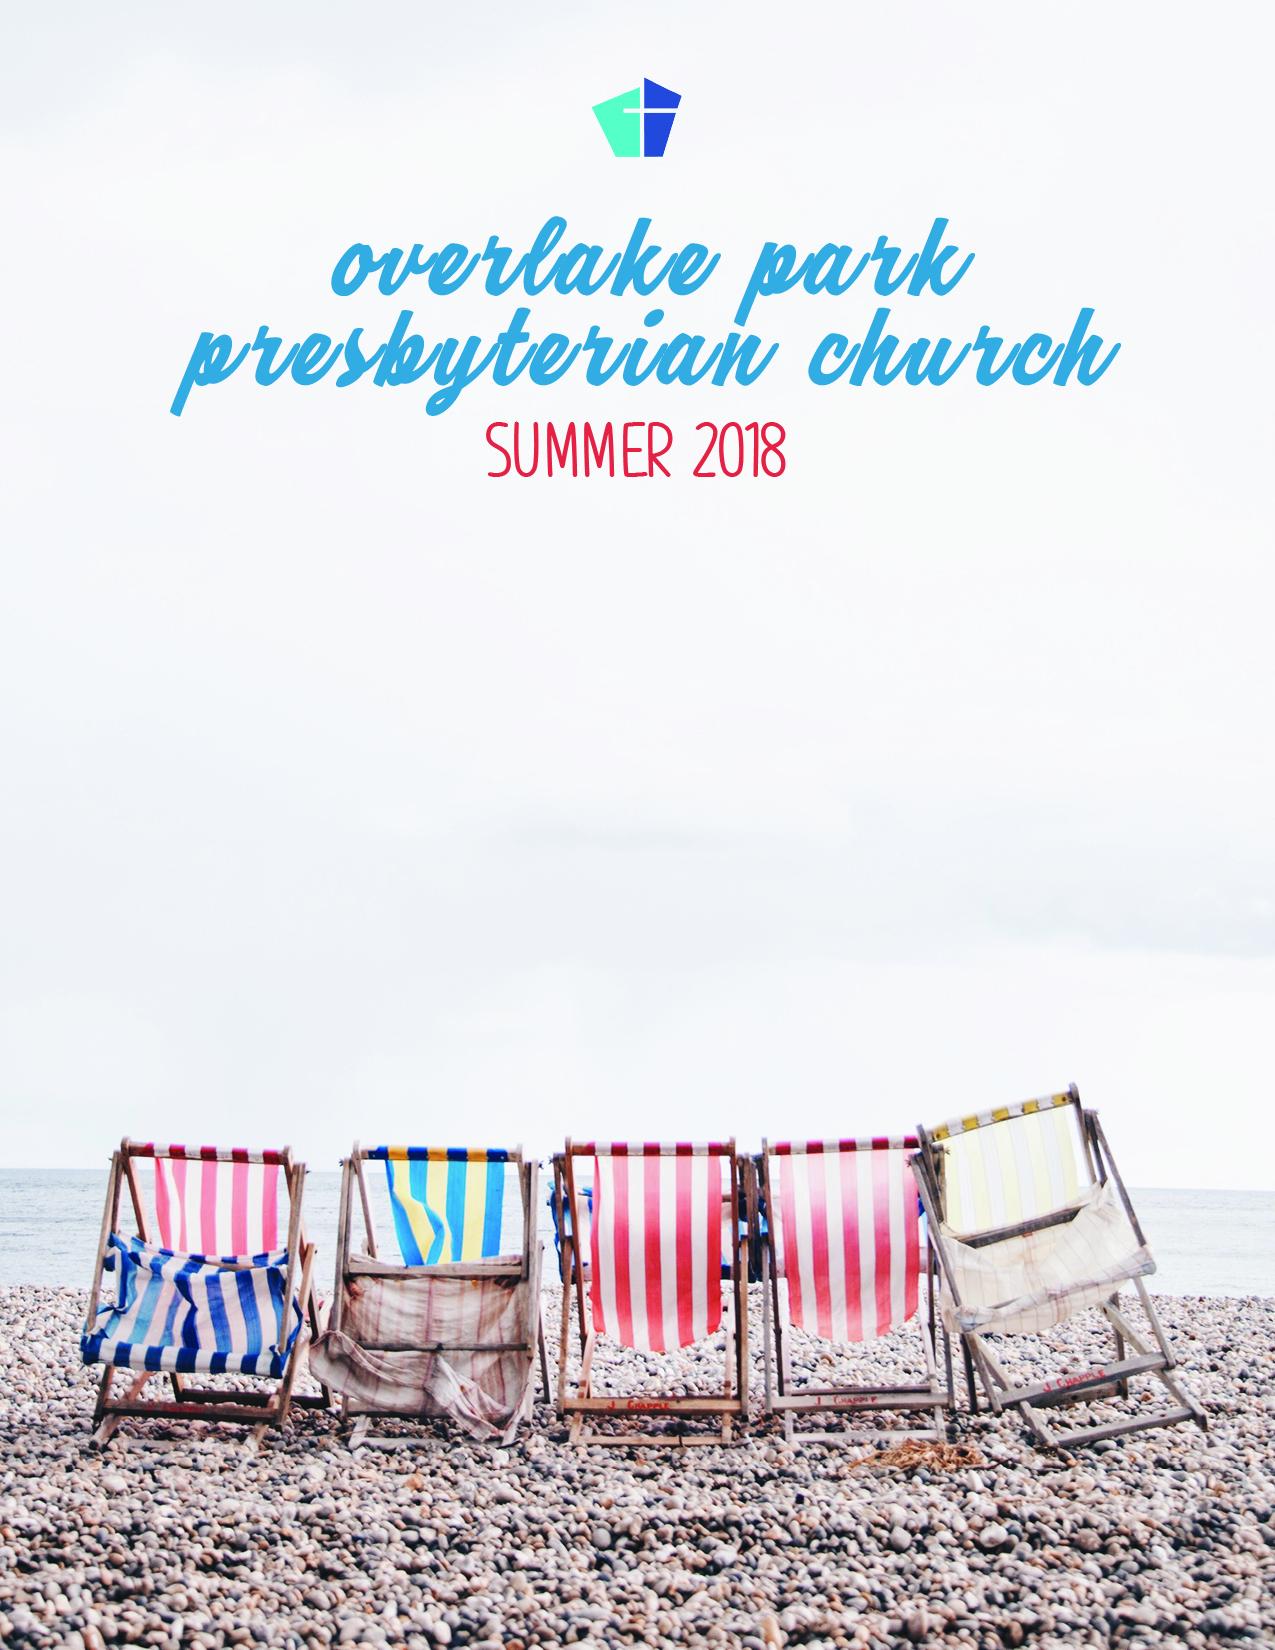 2018 Summer Newslette Cover.jpg